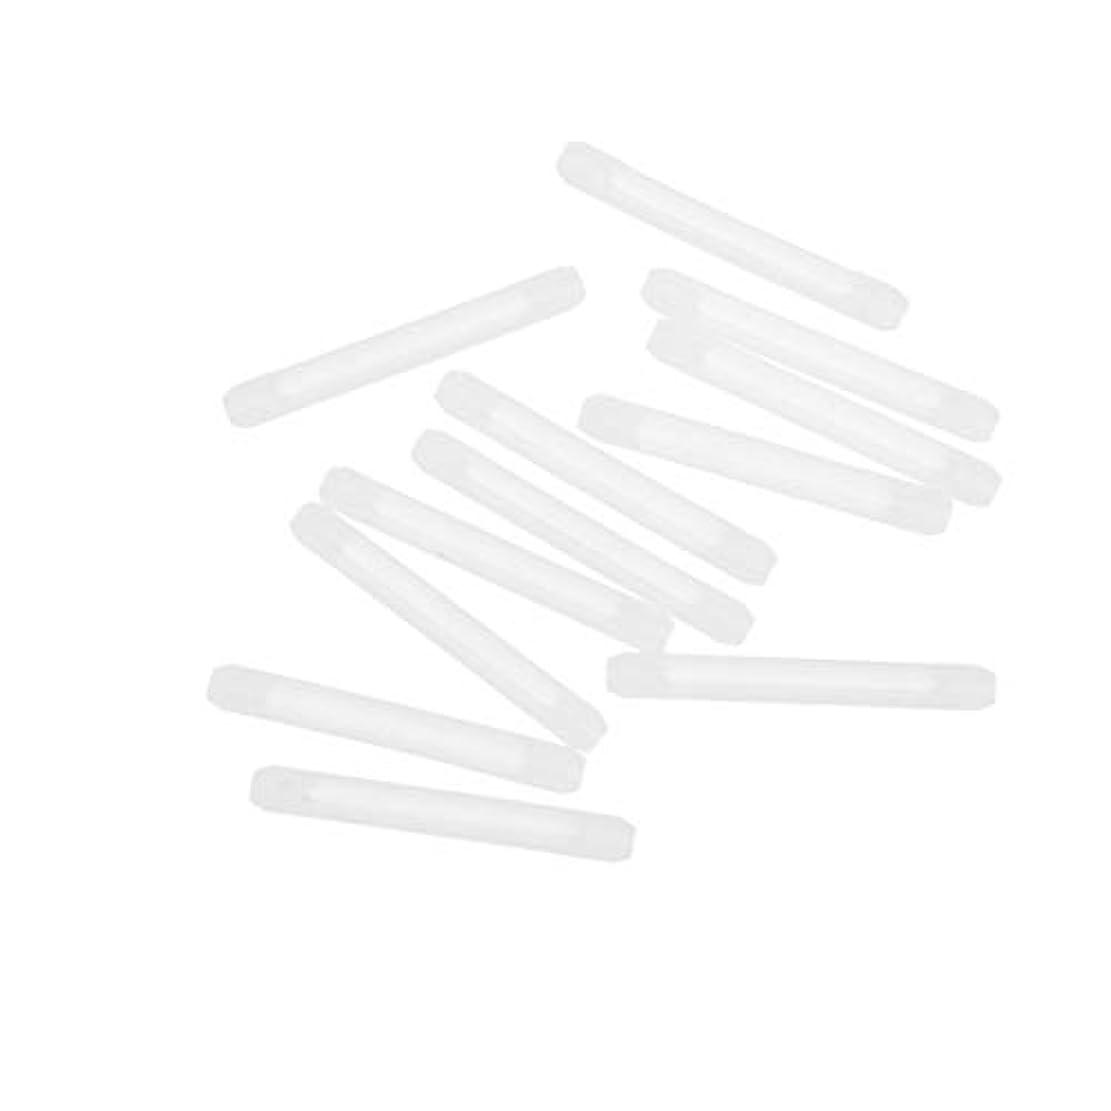 状態宅配便ハンサムHealifty メガネホルダー滑り止めシリコンメガネアクセサリー20pcs(ホワイト)